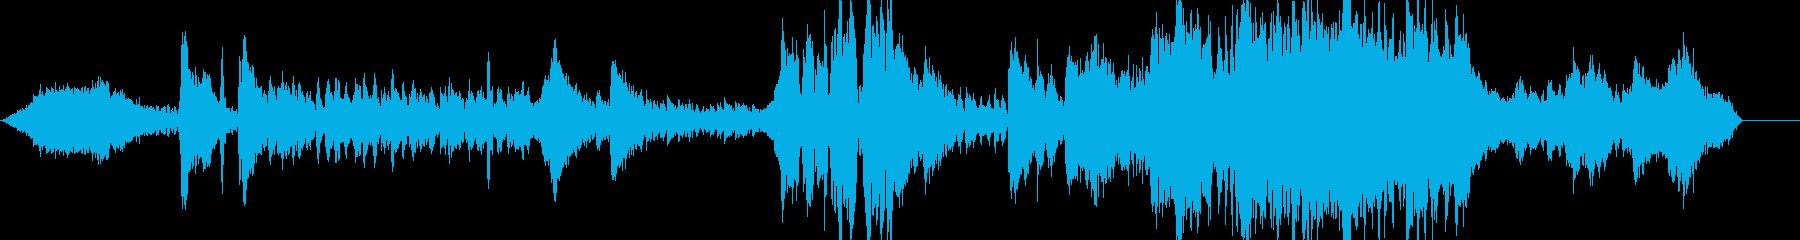 オーケストラ ミディアムテンポ 緊張感の再生済みの波形